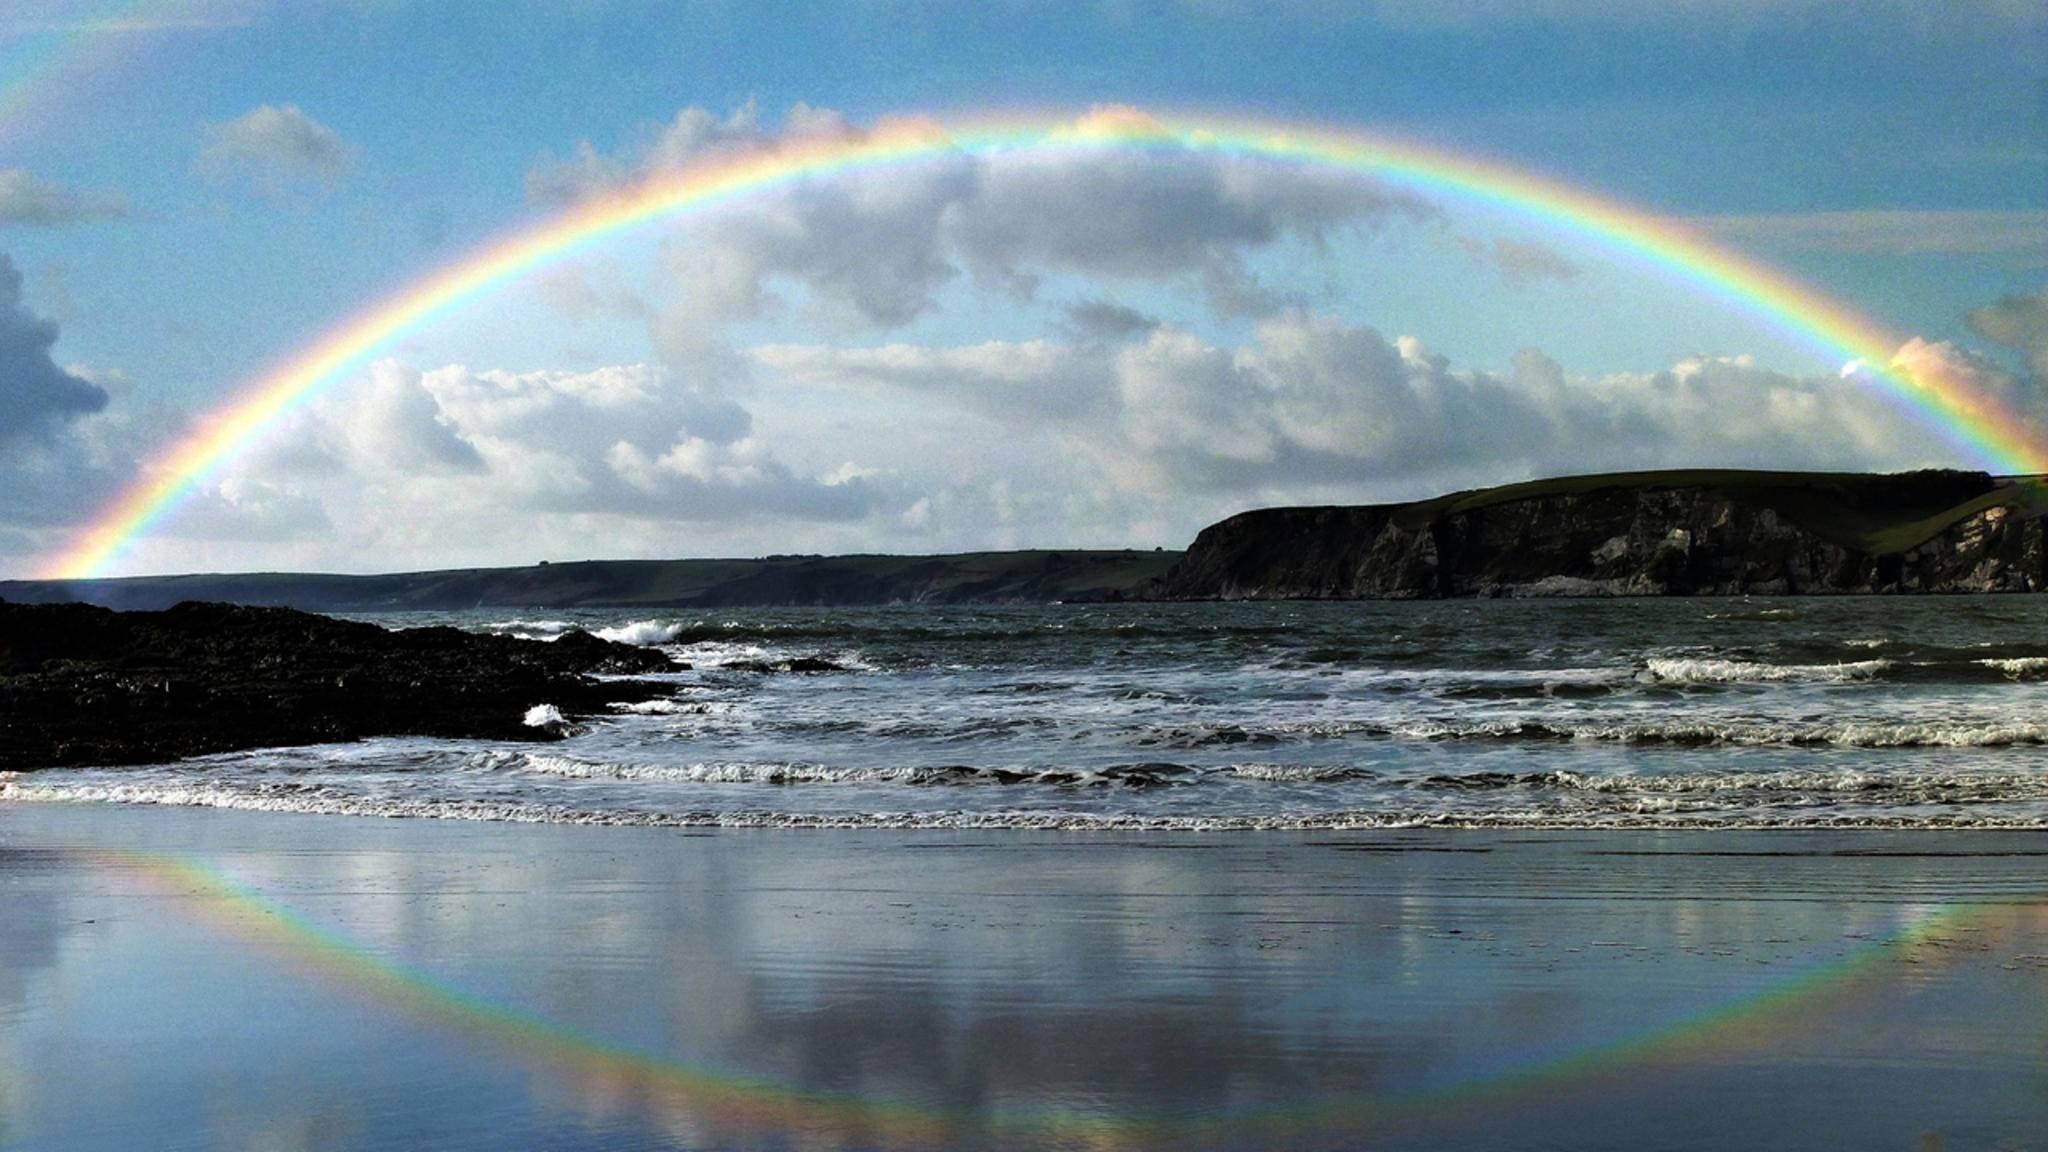 Wer hätte das gedacht? Den klassischen Regenbogen gibt's auch in Weiß!